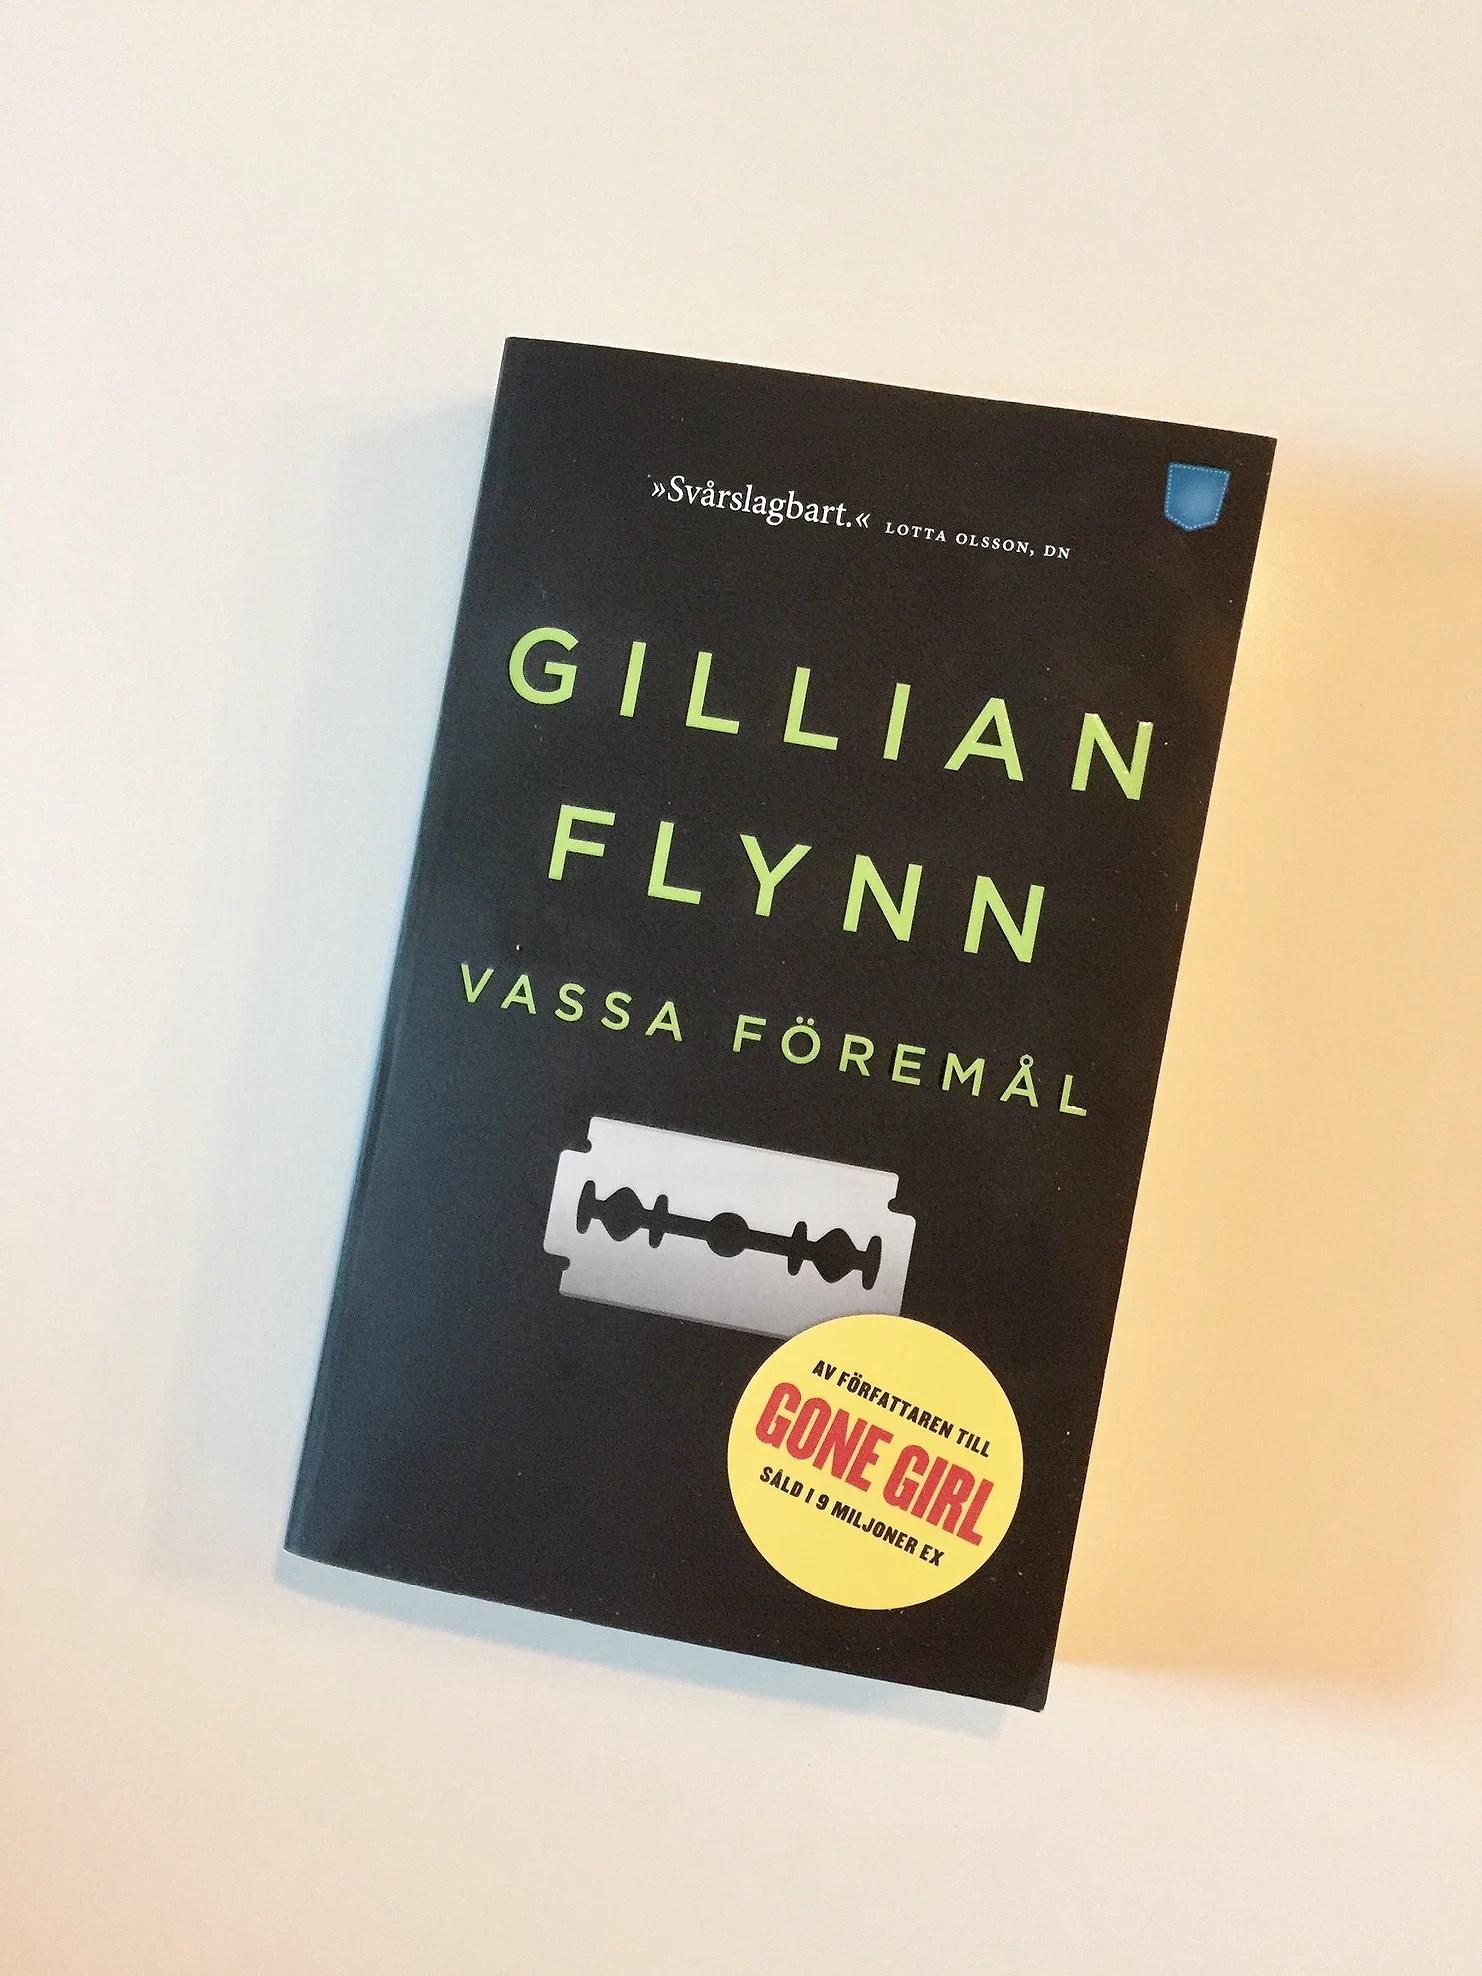 Vassa föremål | Gillian Flynn